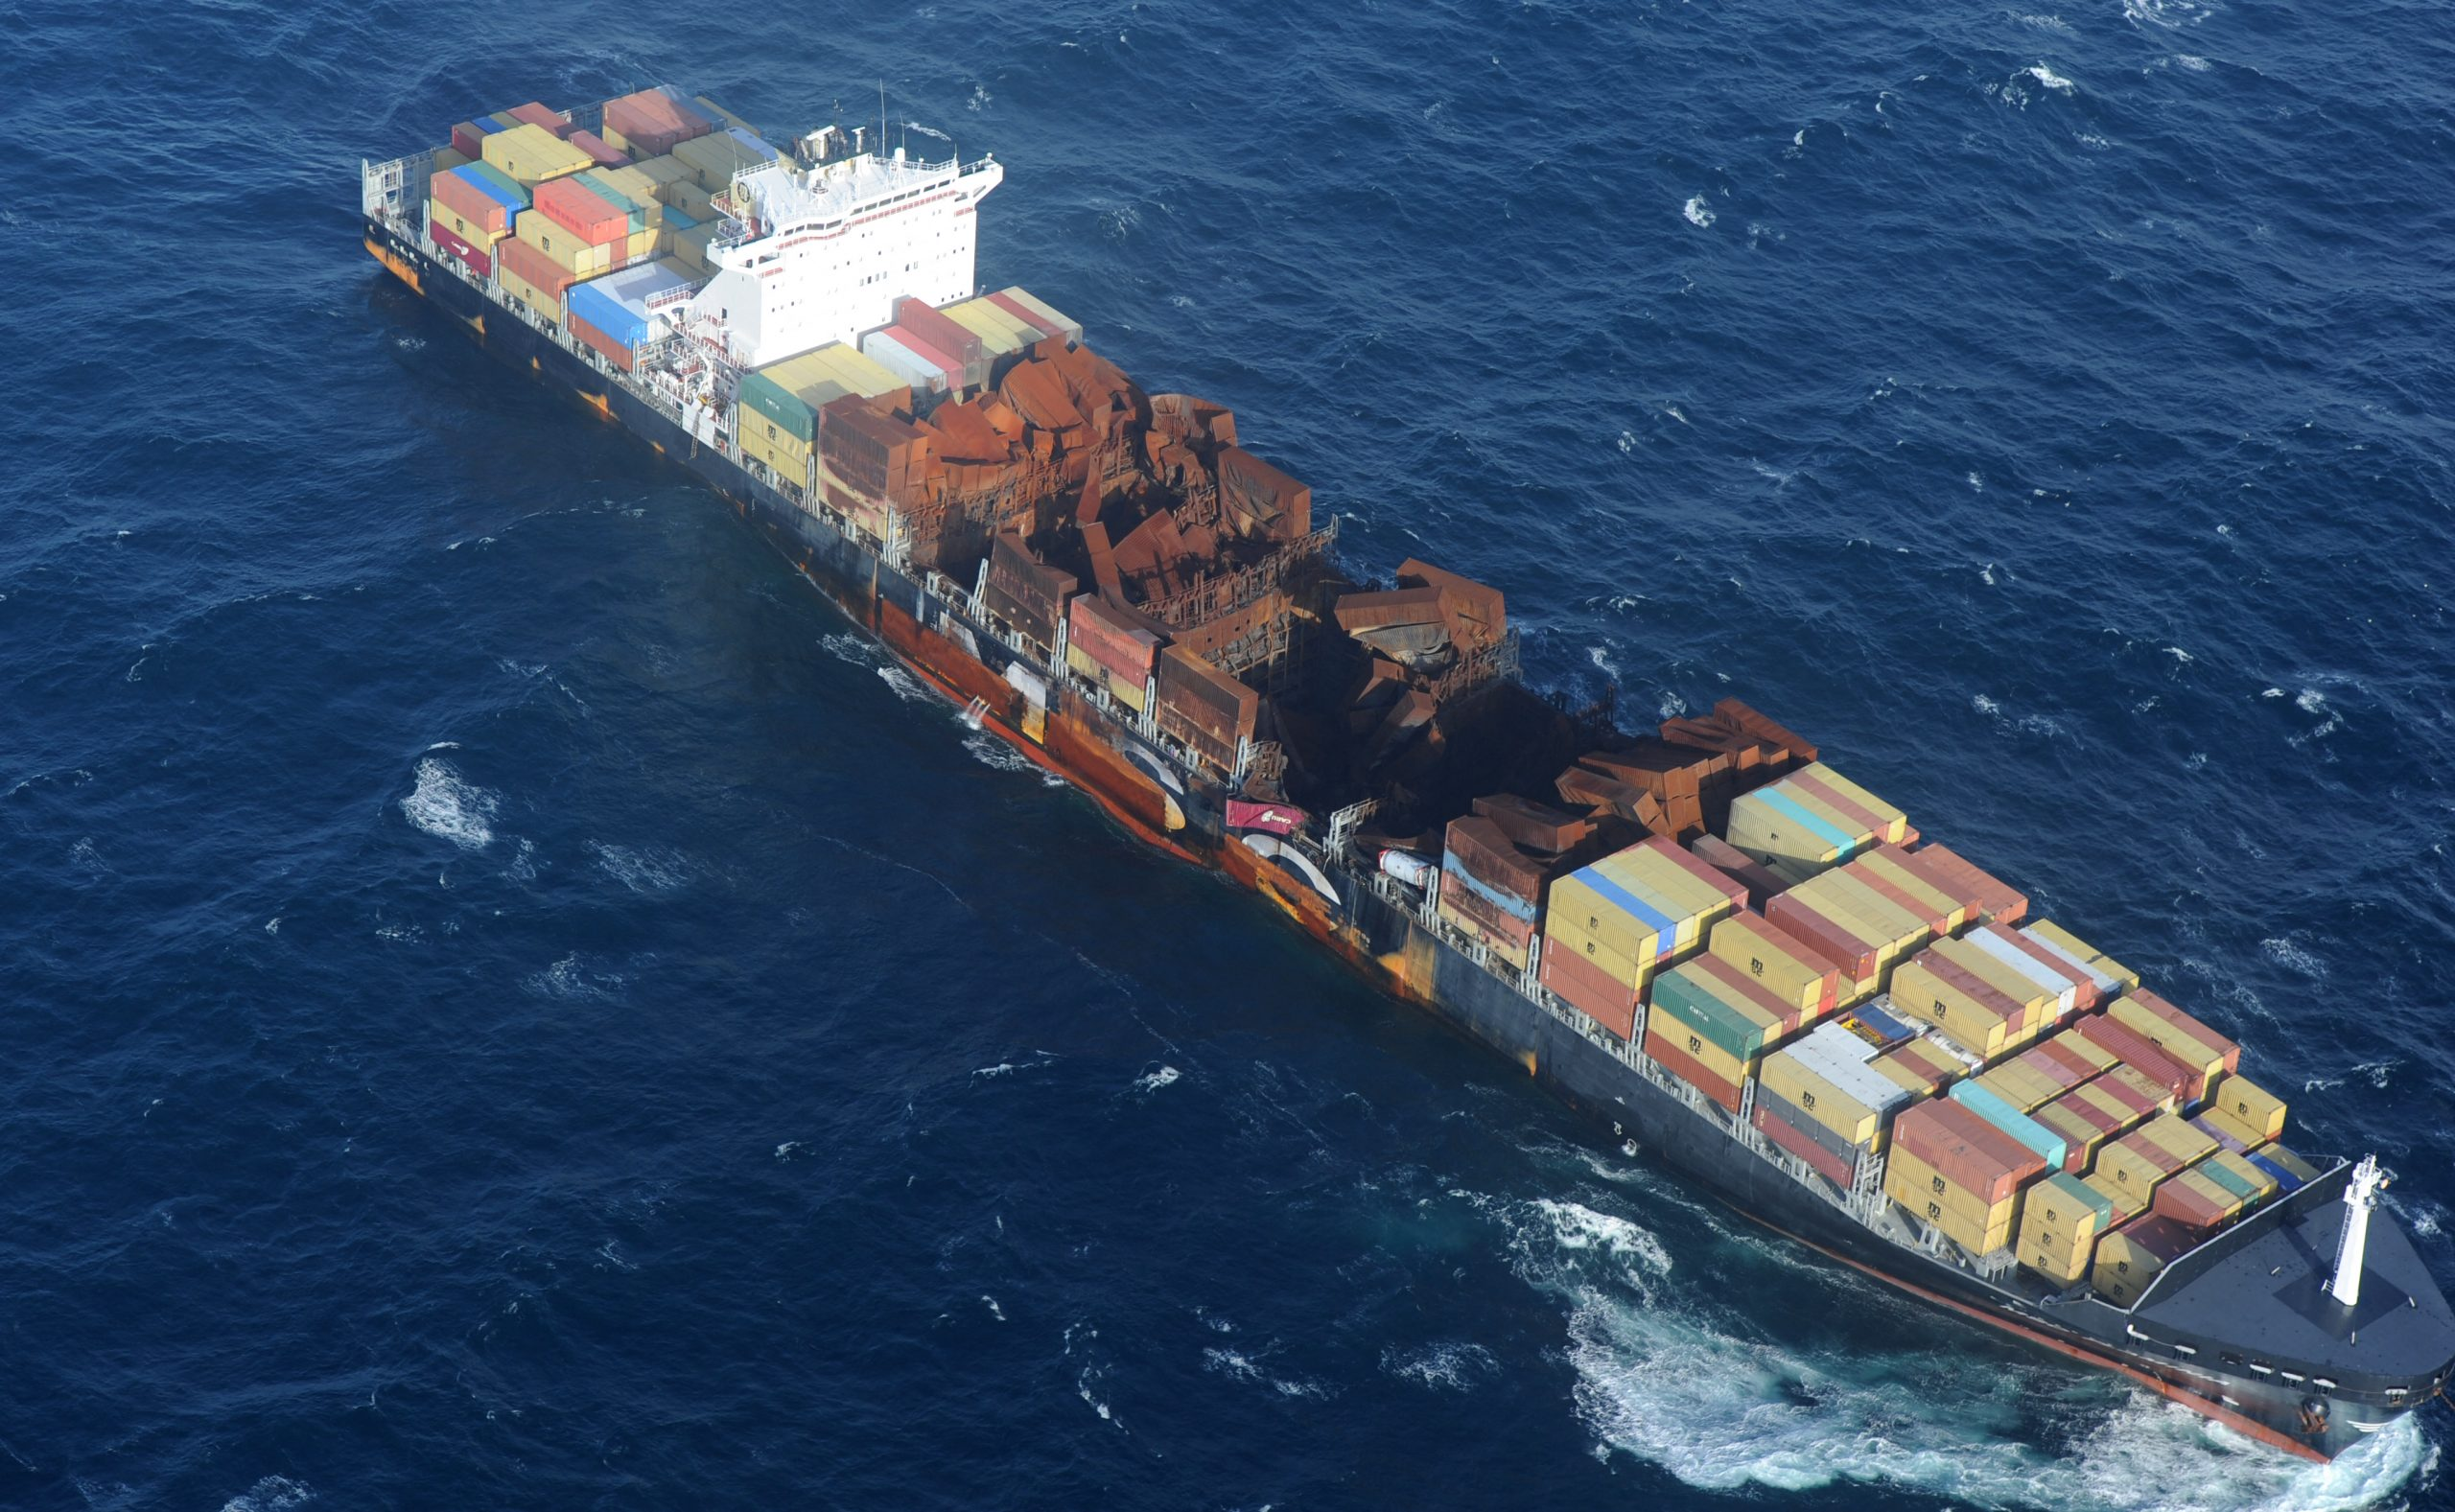 De MSC Flaminia werd door Smit naar Duitsland gesleept (Foto ANP / AFP)